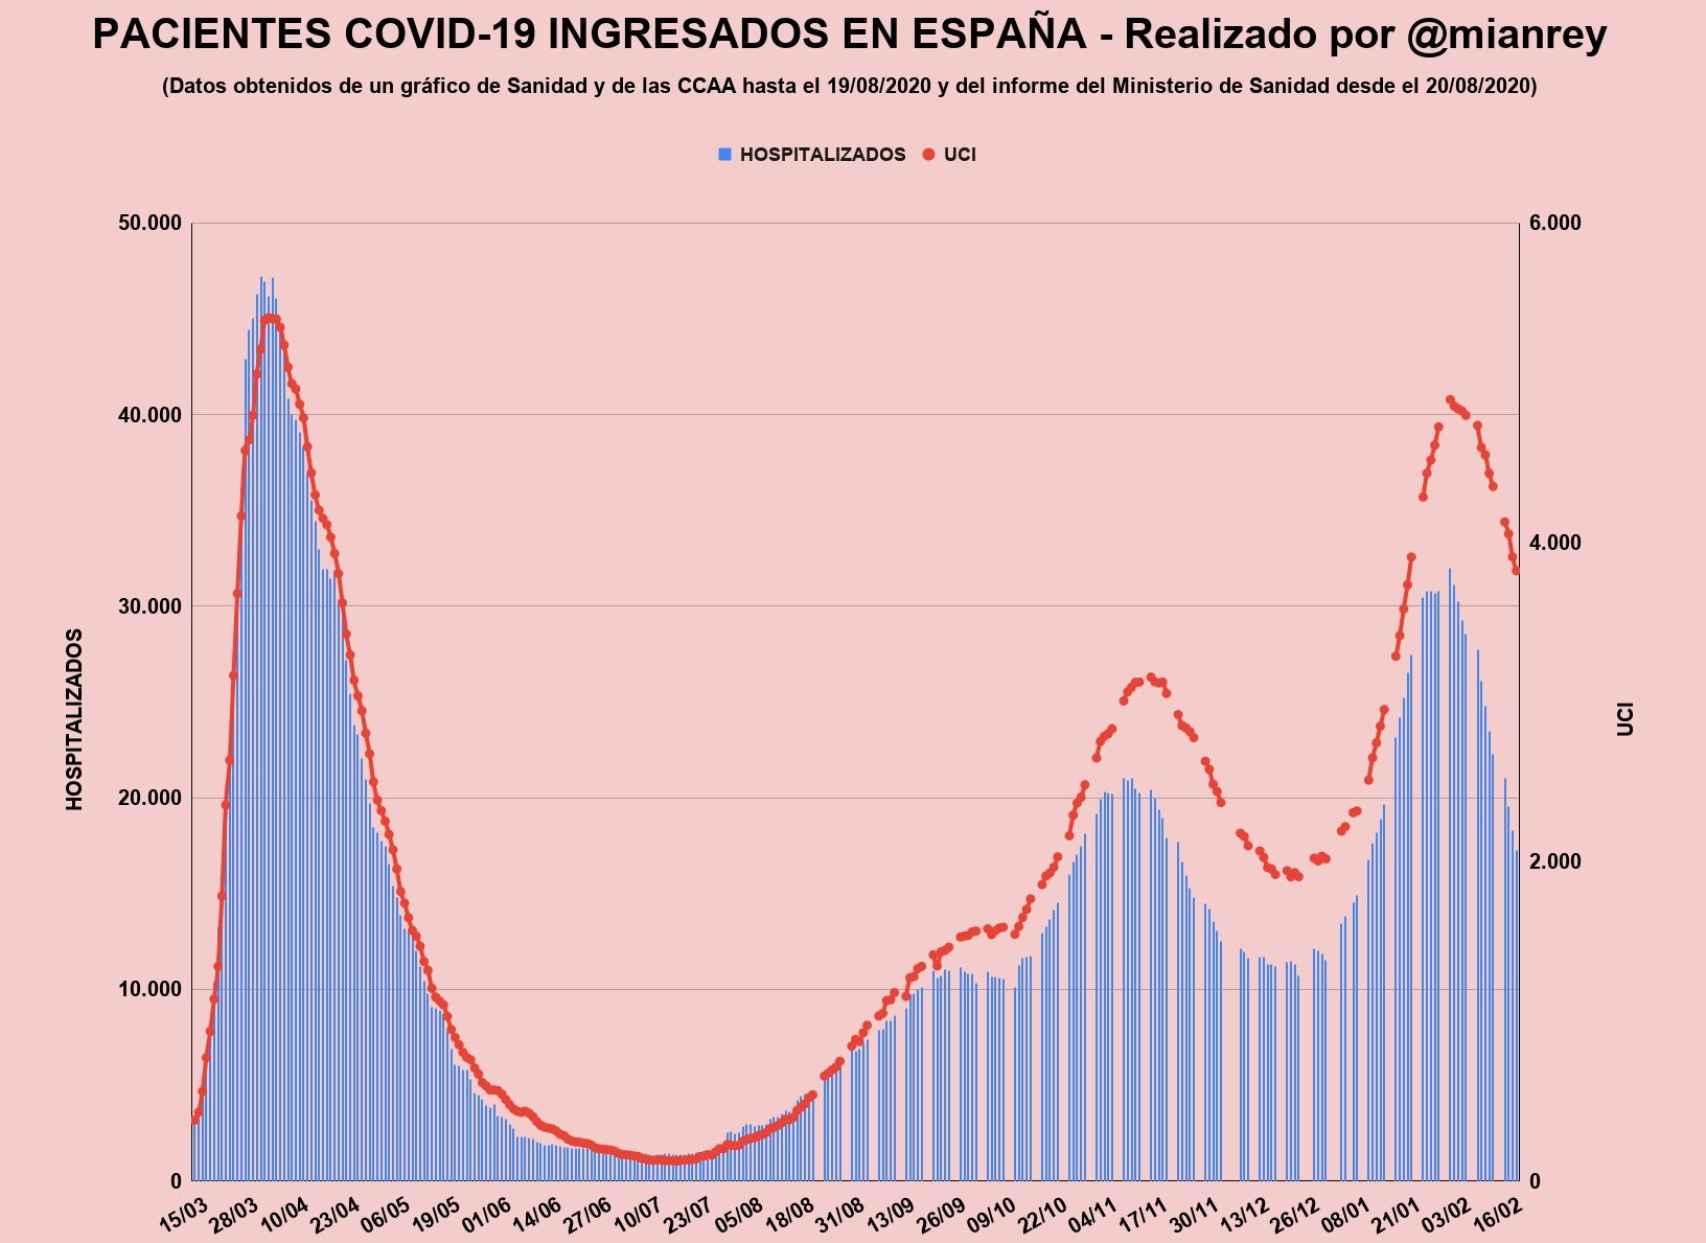 Evolución de pacientes ingresados por Covid-19 en España.